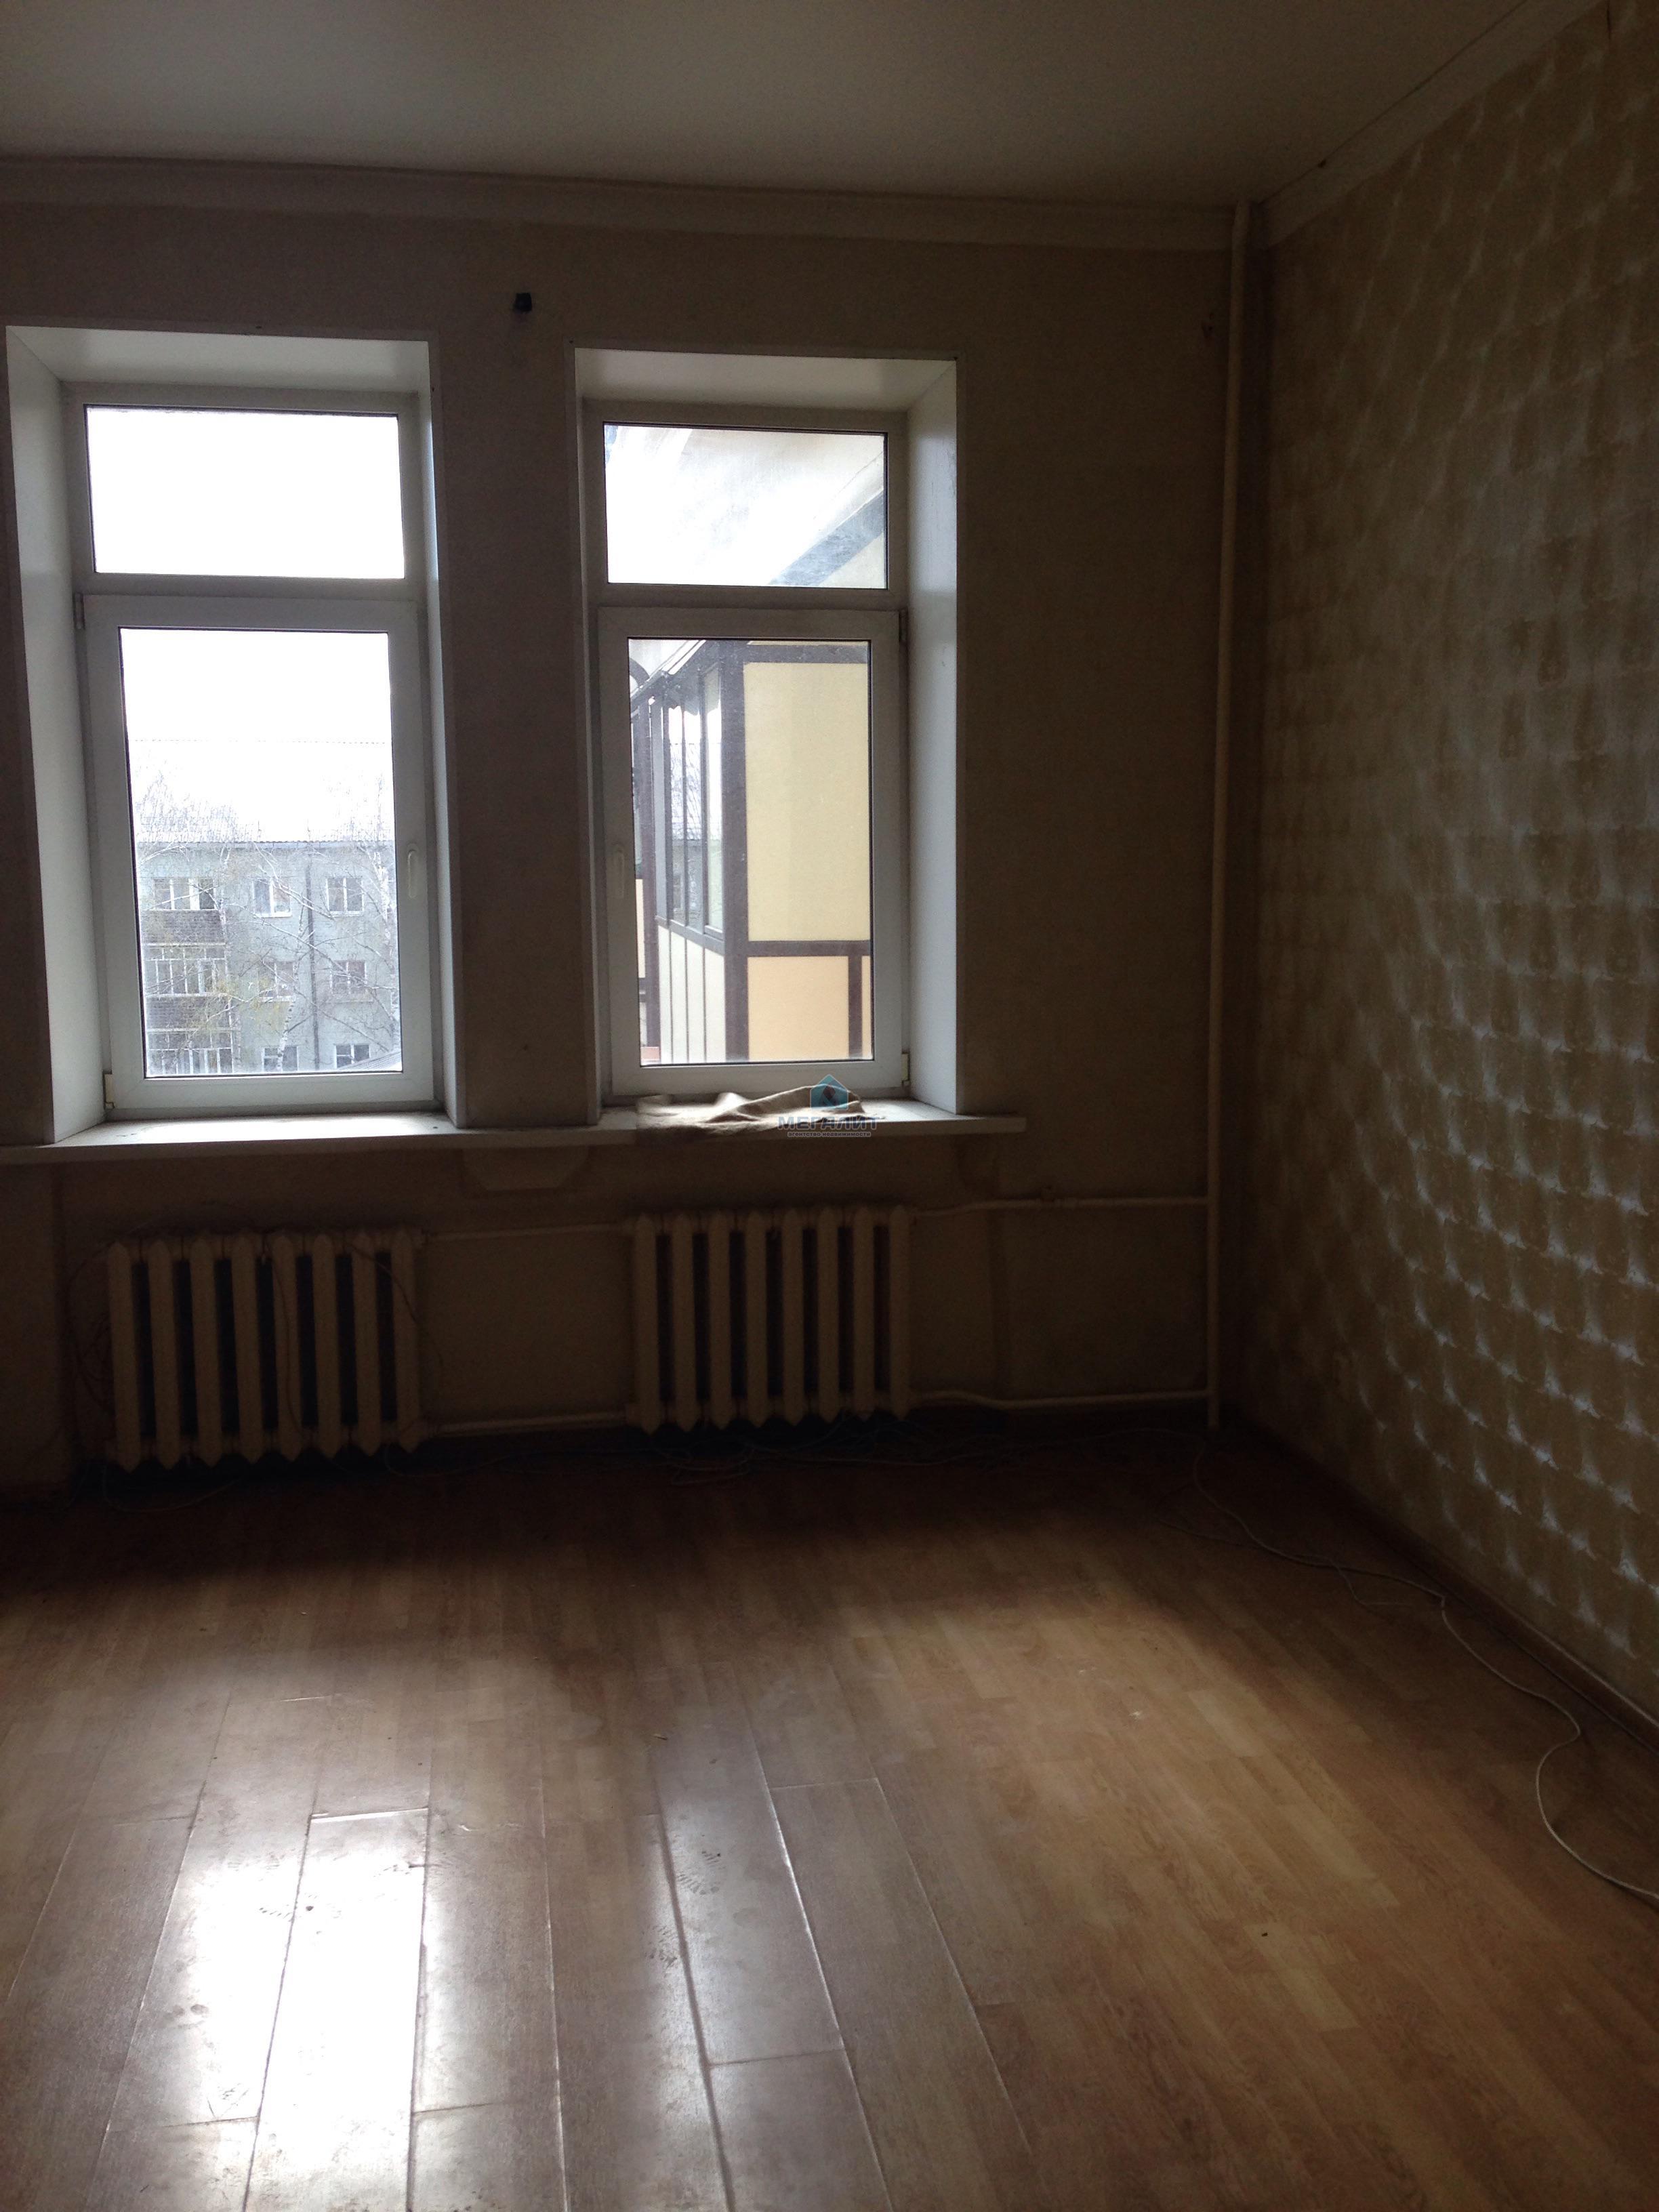 Продажа 2-к квартиры Нурсултана Назарбаева 9/2, 65 м2  (миниатюра №6)